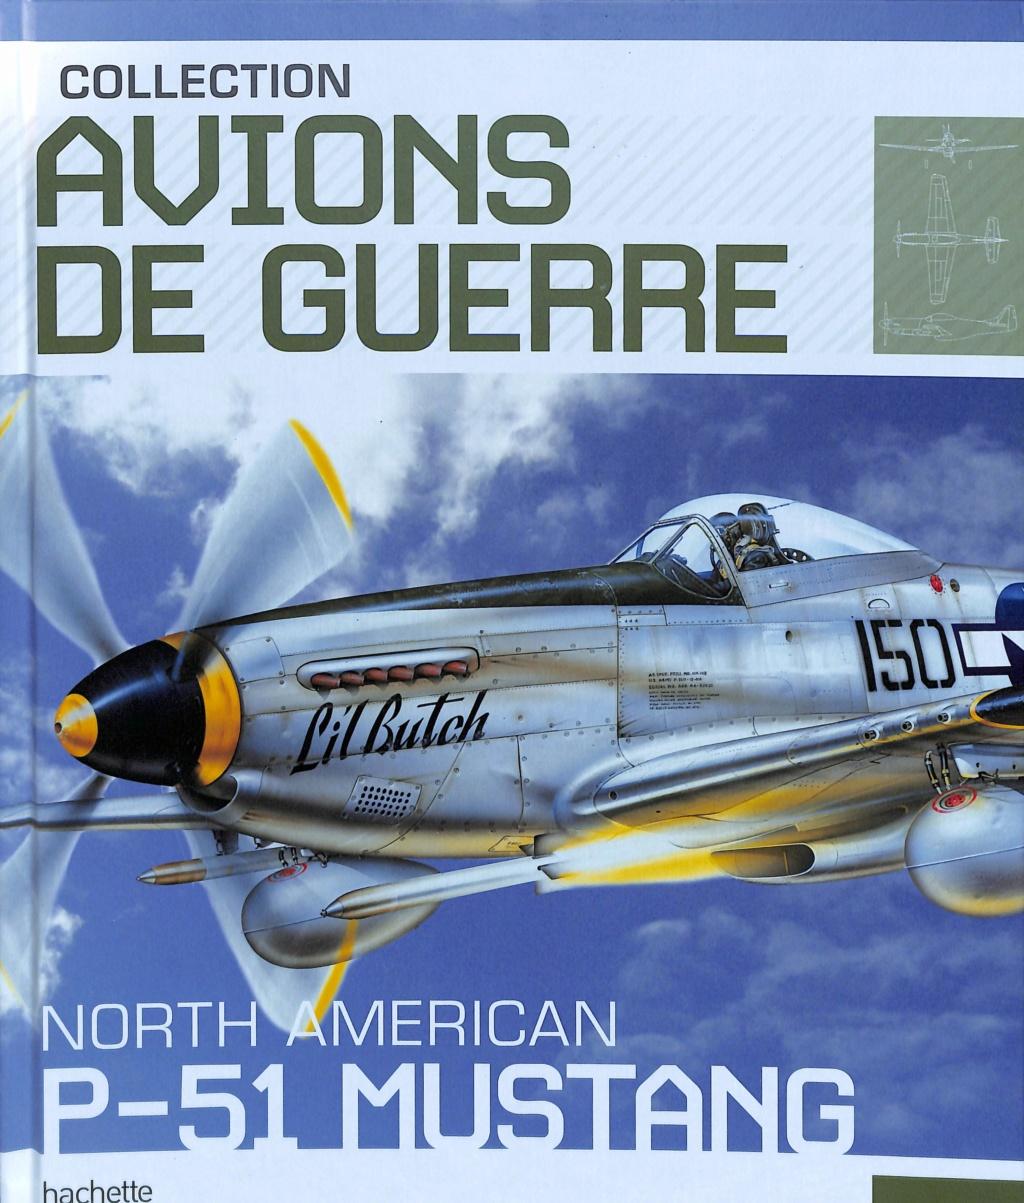 Nouvelle collection en kiosques: Avions de guerre M4263-11